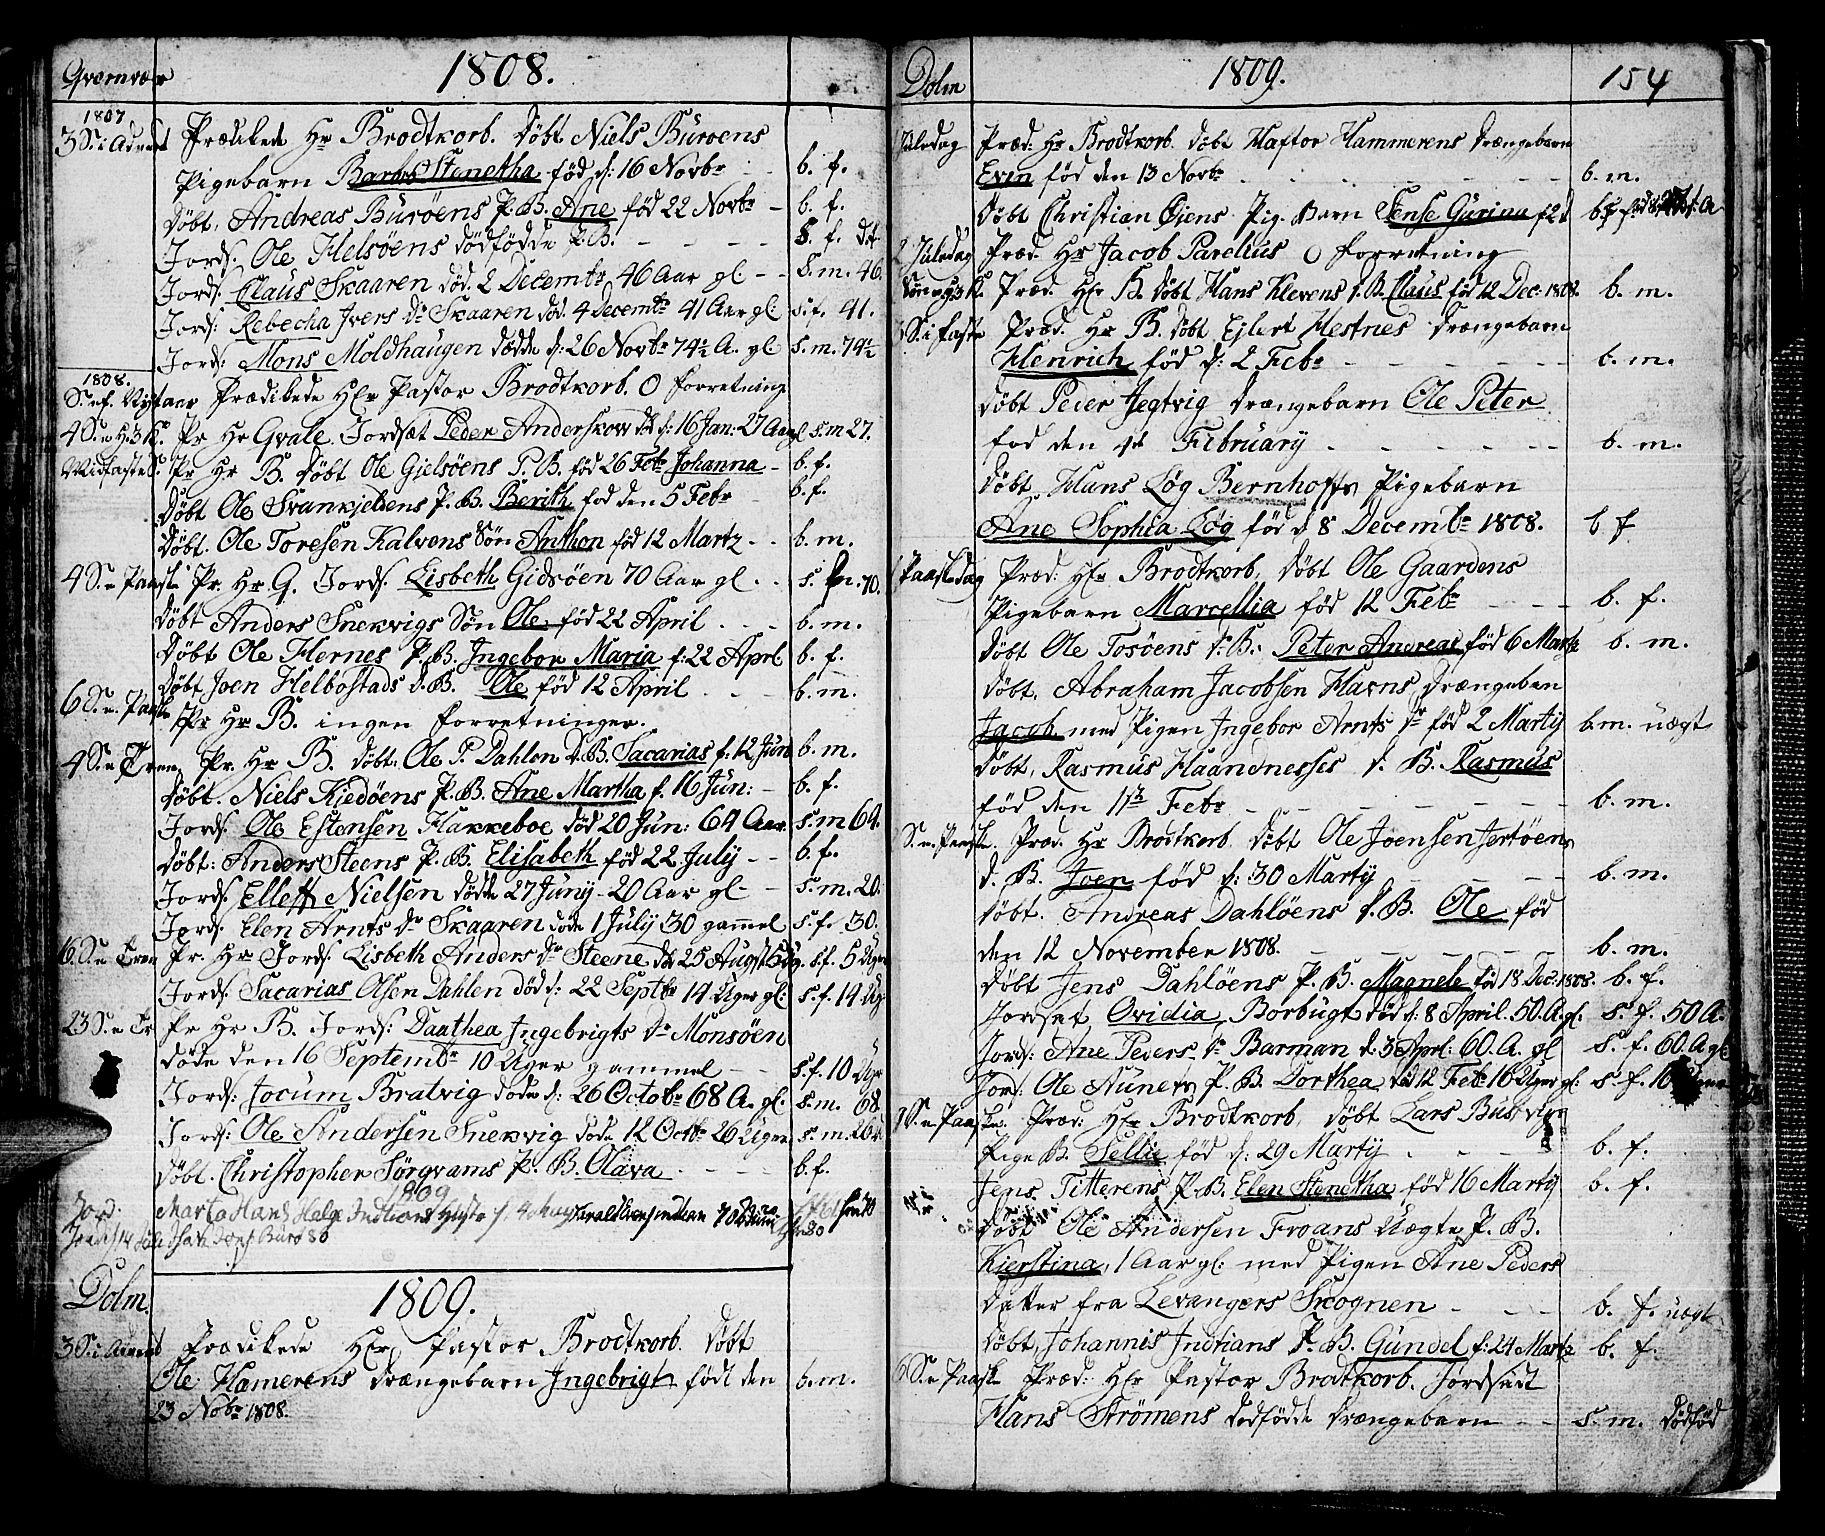 SAT, Ministerialprotokoller, klokkerbøker og fødselsregistre - Sør-Trøndelag, 634/L0526: Ministerialbok nr. 634A02, 1775-1818, s. 154